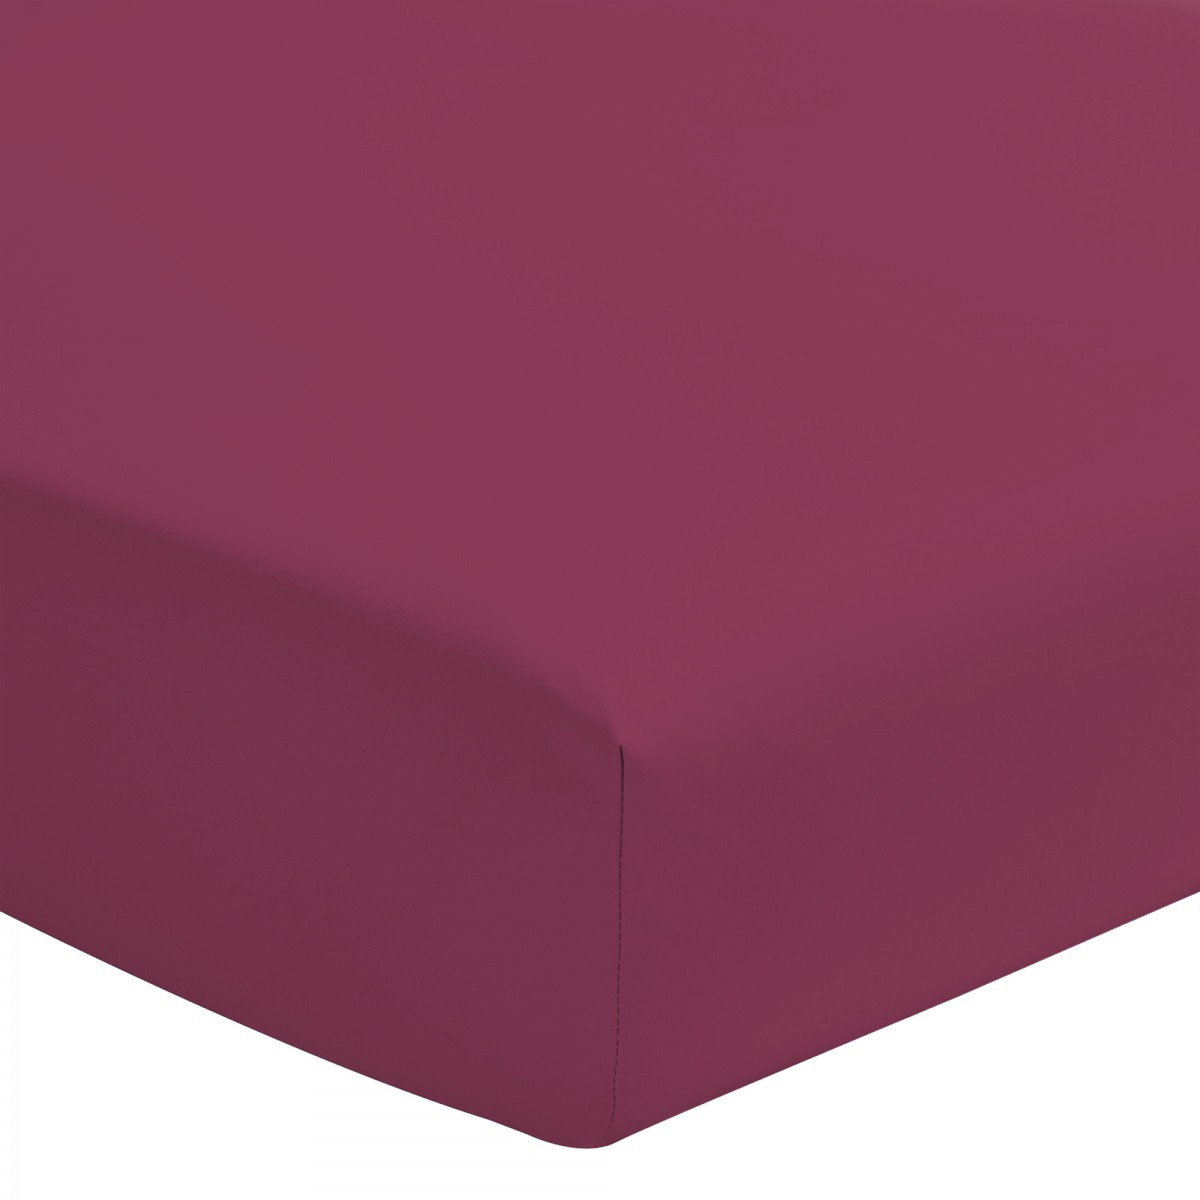 Drap Housse Uni 100% Coton Bonnet 30cm Fushia 90x200cm